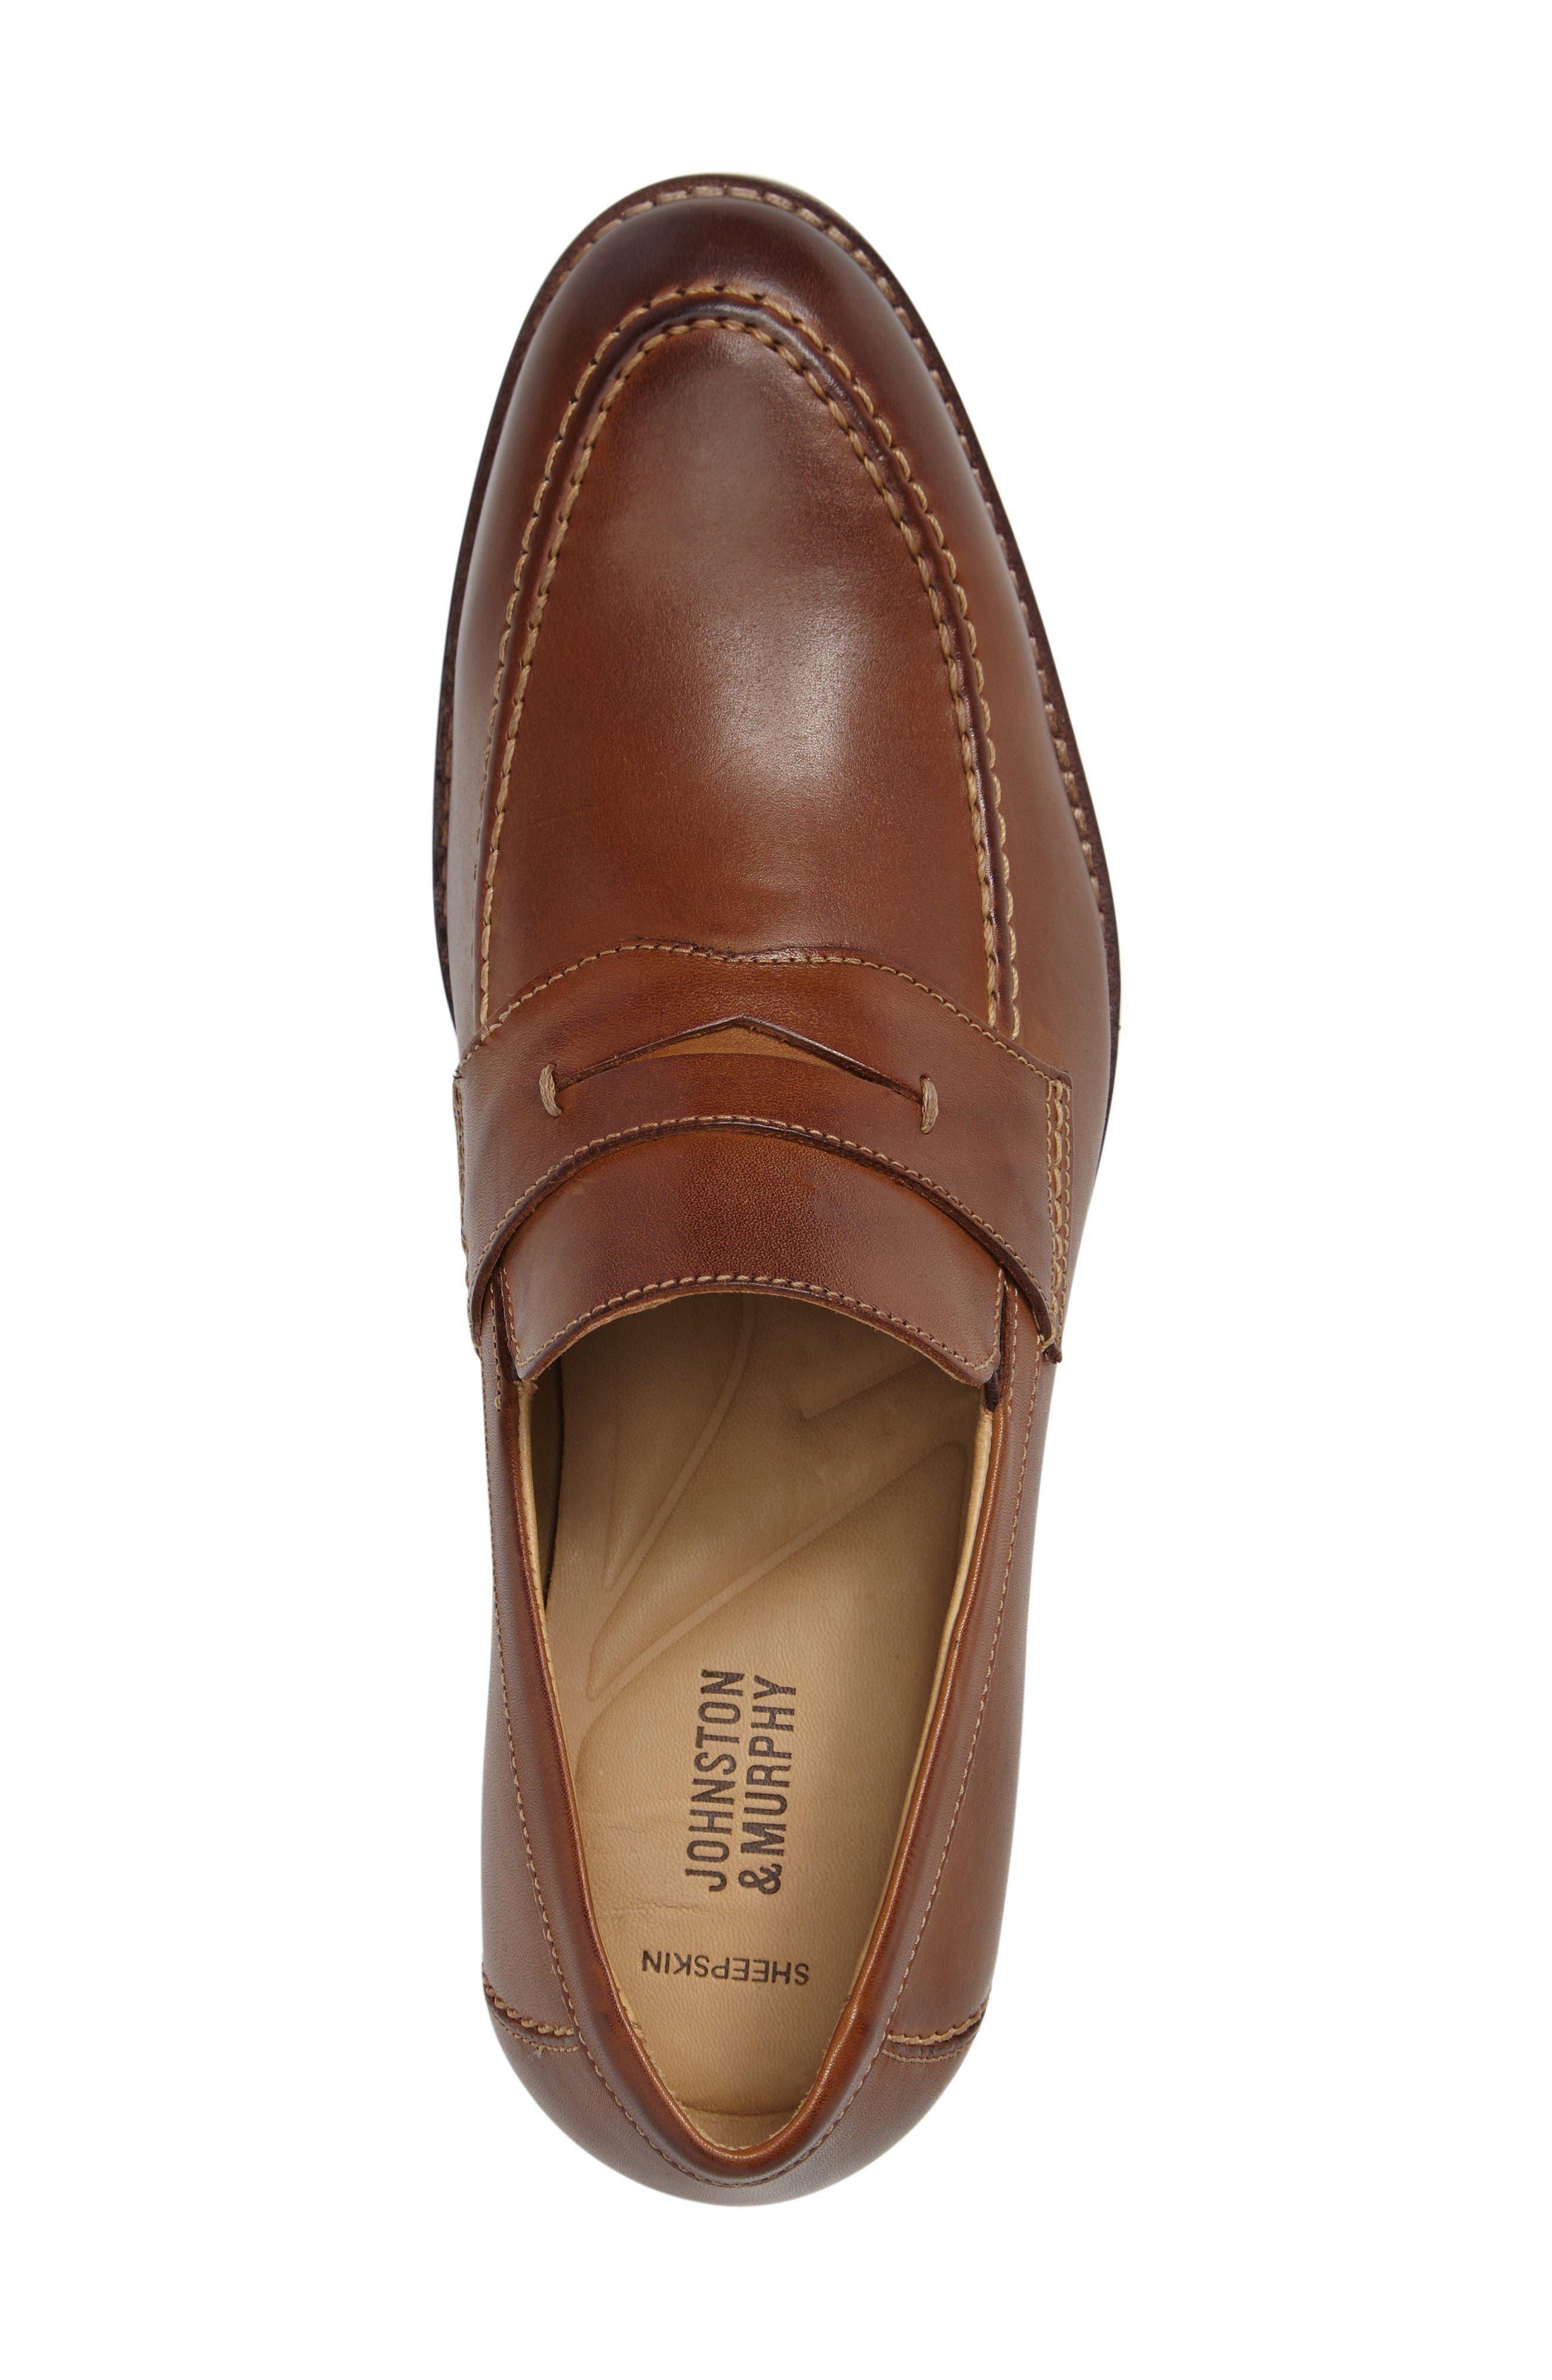 Garner Penny Loafer,                             Alternate thumbnail 4, color,                             Tan Leather